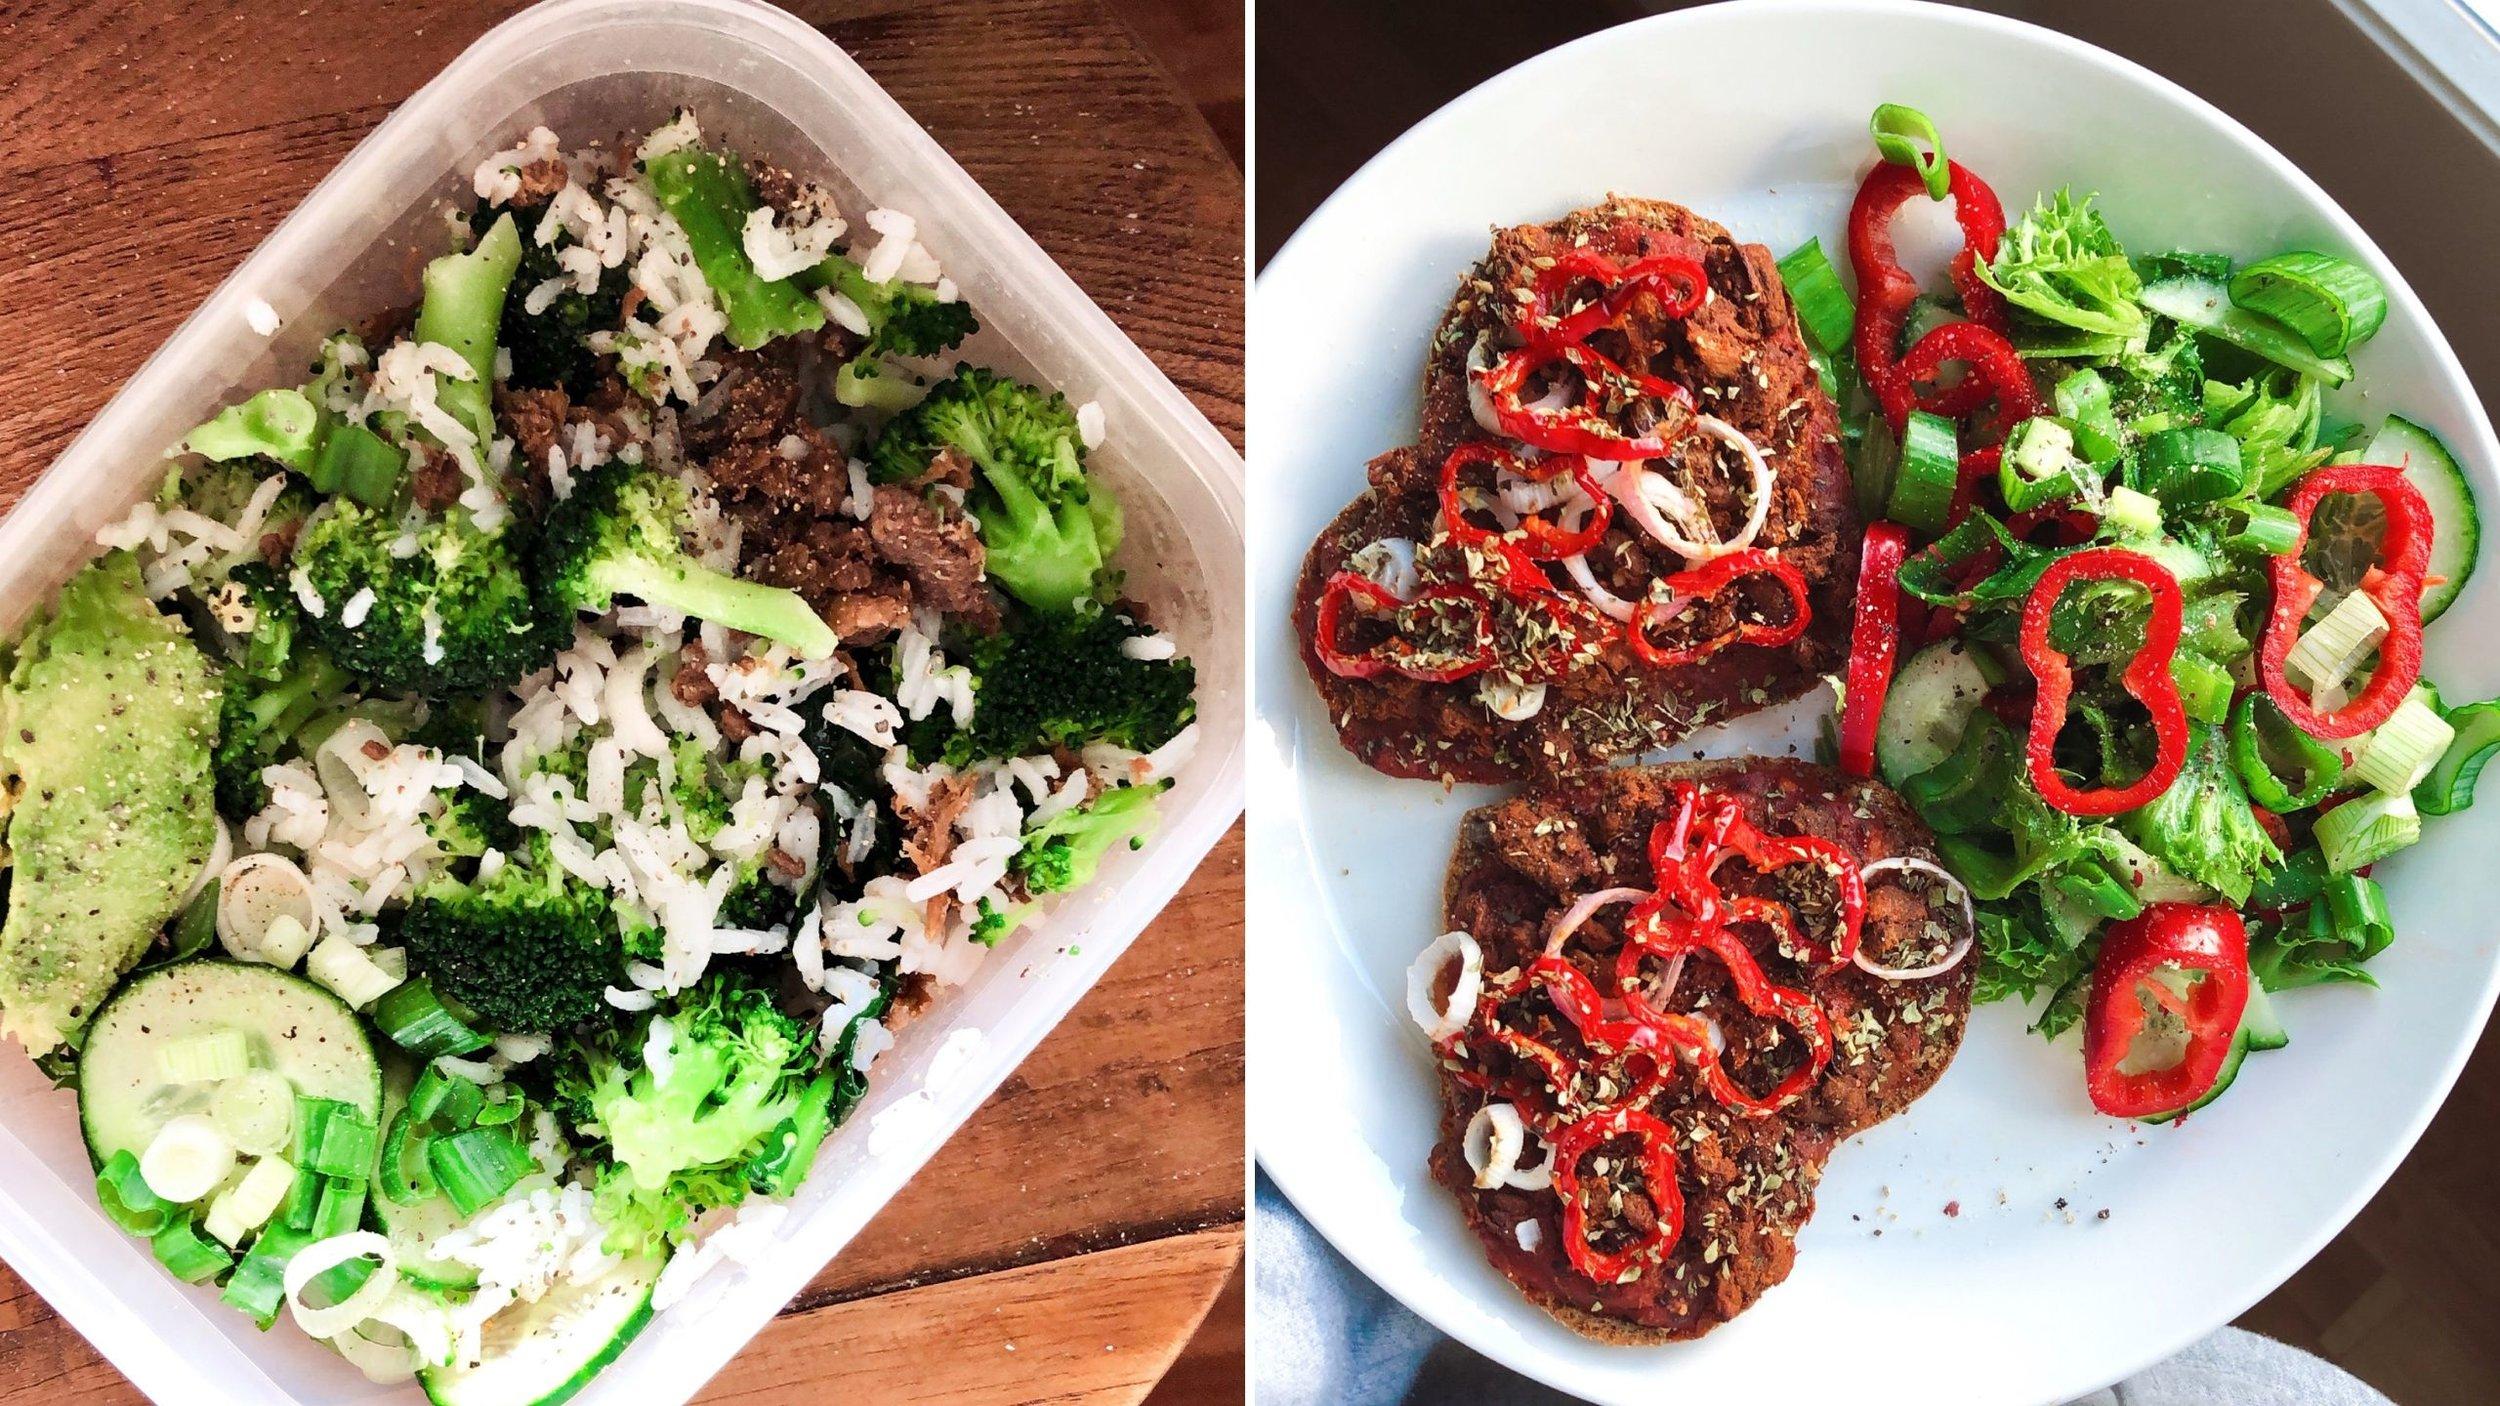 Meikäläisen peruslounasta (protskuna nyhtökaura, hiilihydraatinlähteenä riisi, rasvat taas avokadosta sekä kasviksina kurkkua, salaattia, parsakaalia ja kevätsipulia) sekä lämpimiä leipäpizzoja!